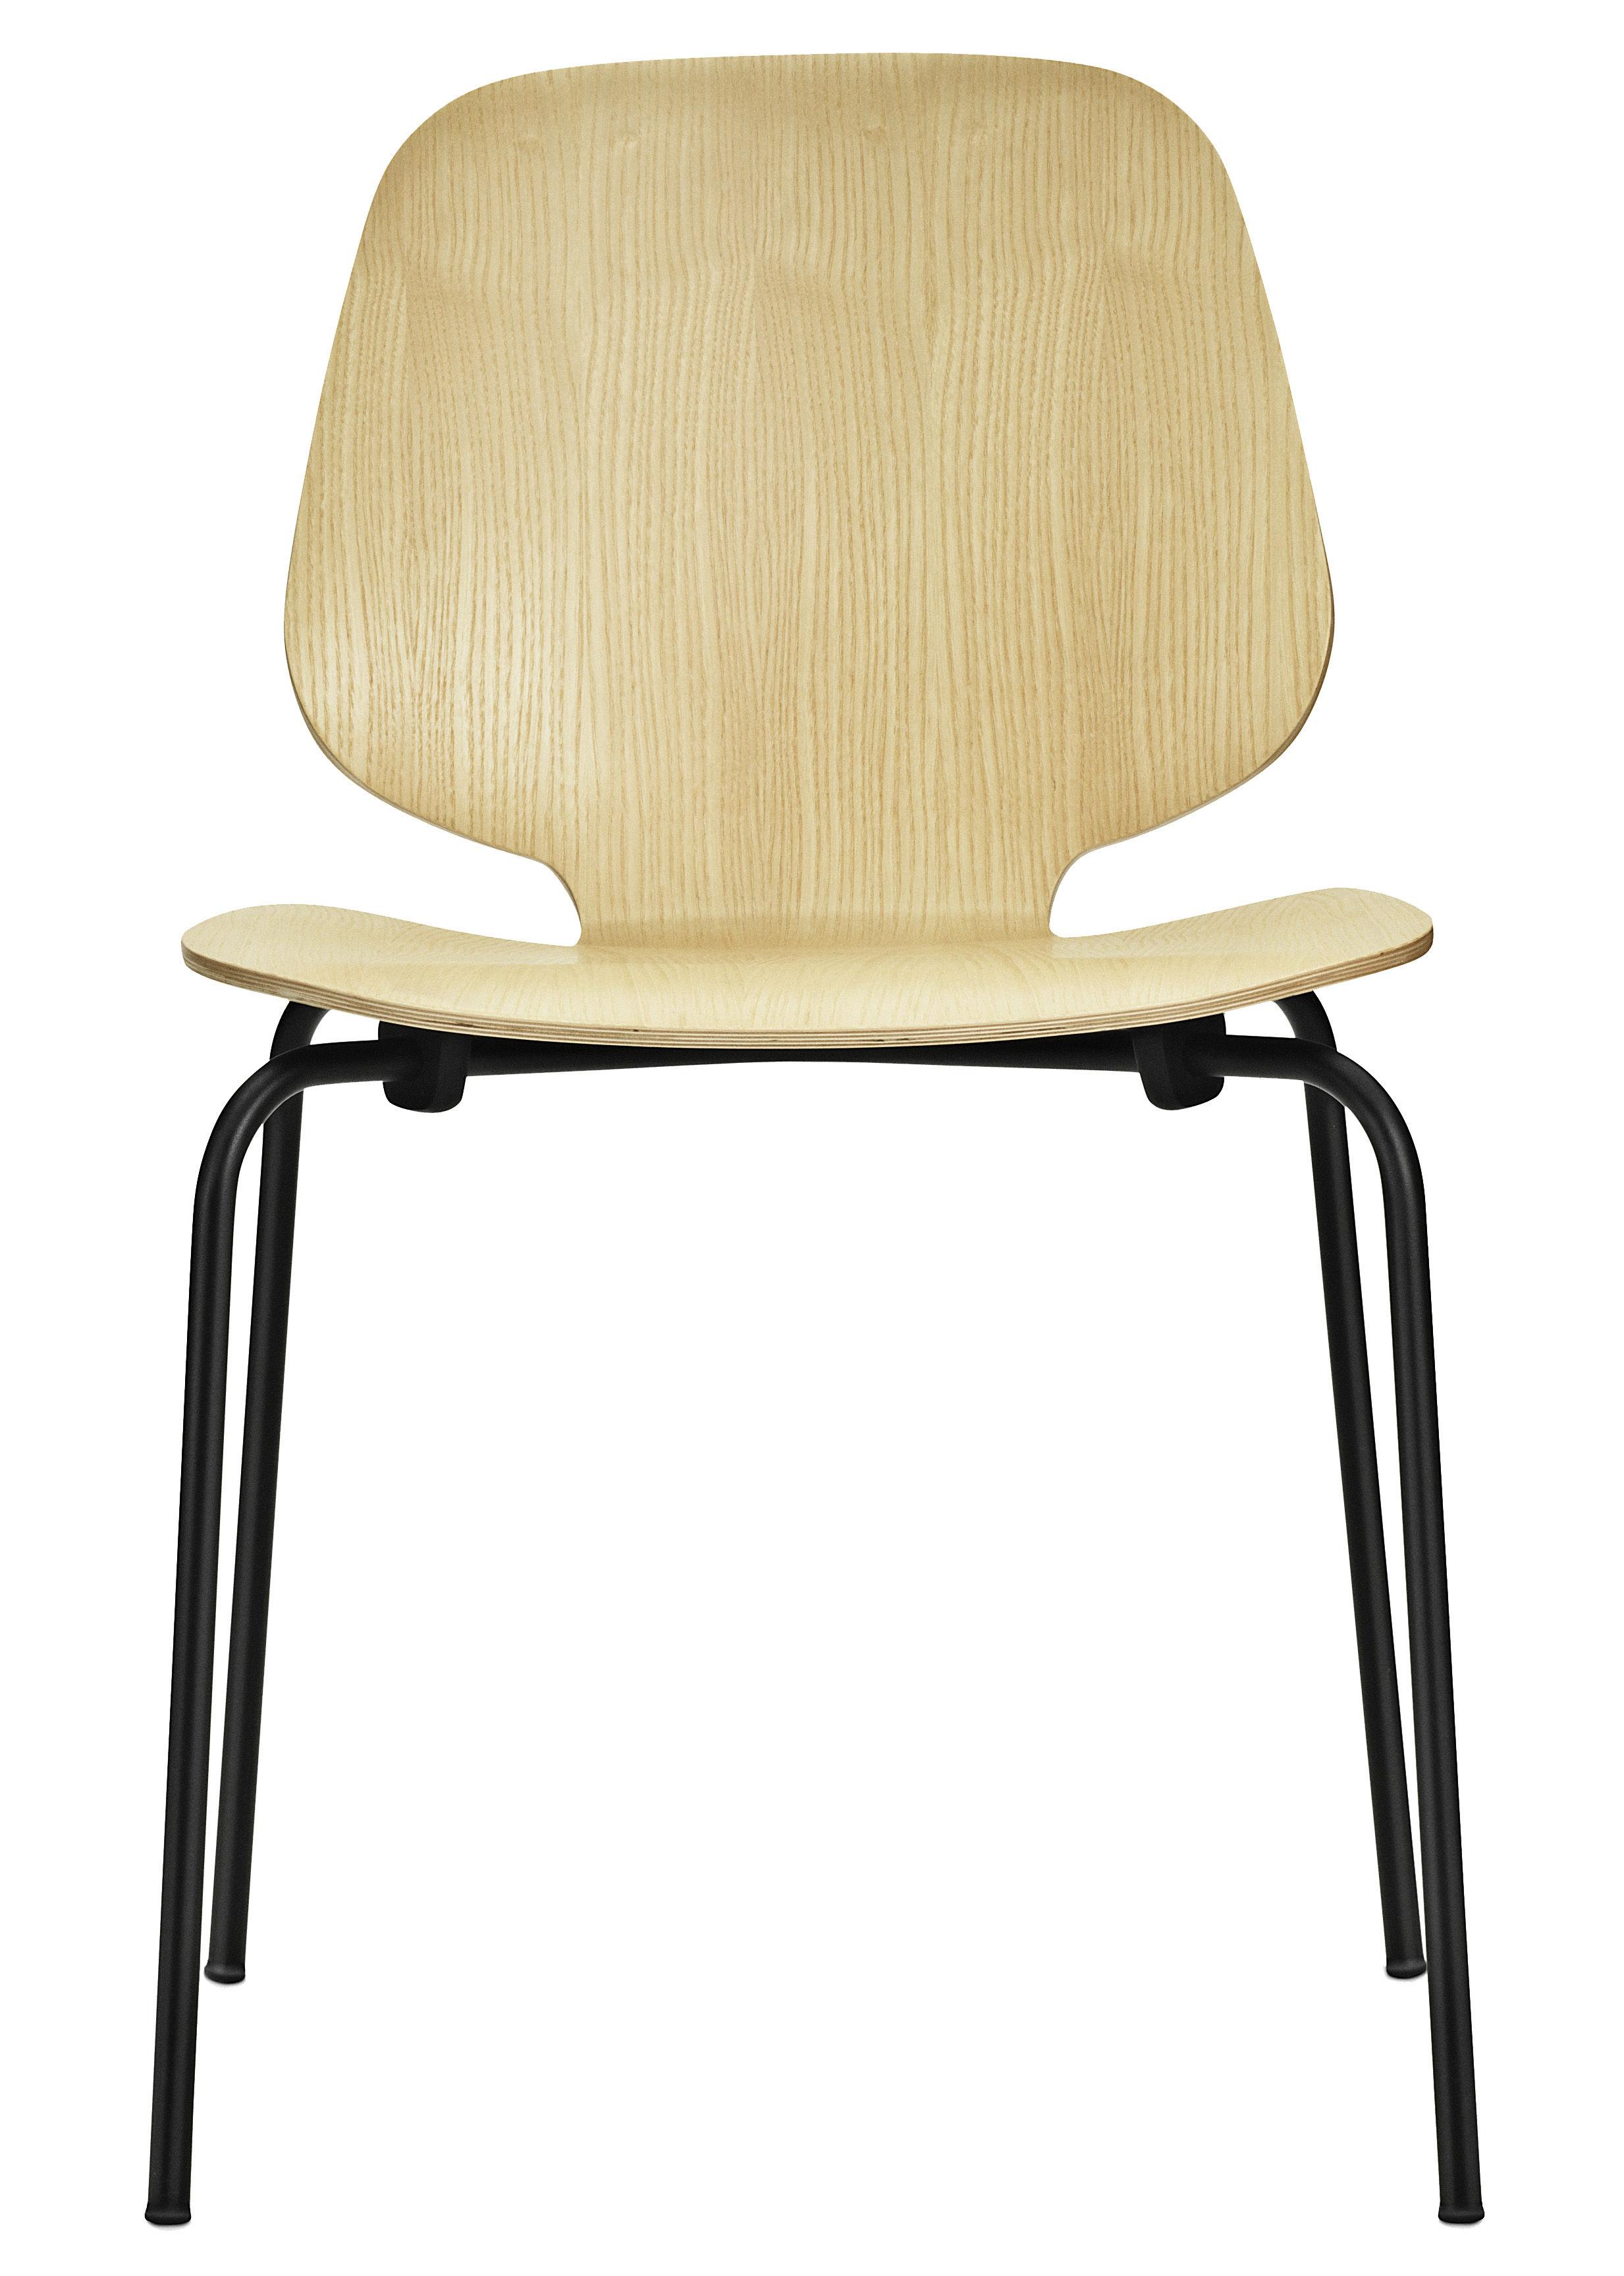 Mobilier - Chaises, fauteuils de salle à manger - Chaise empilable My Chair / Assise bois - Normann Copenhagen - Frêne / Pieds noirs - Acier laqué, Placage de frêne